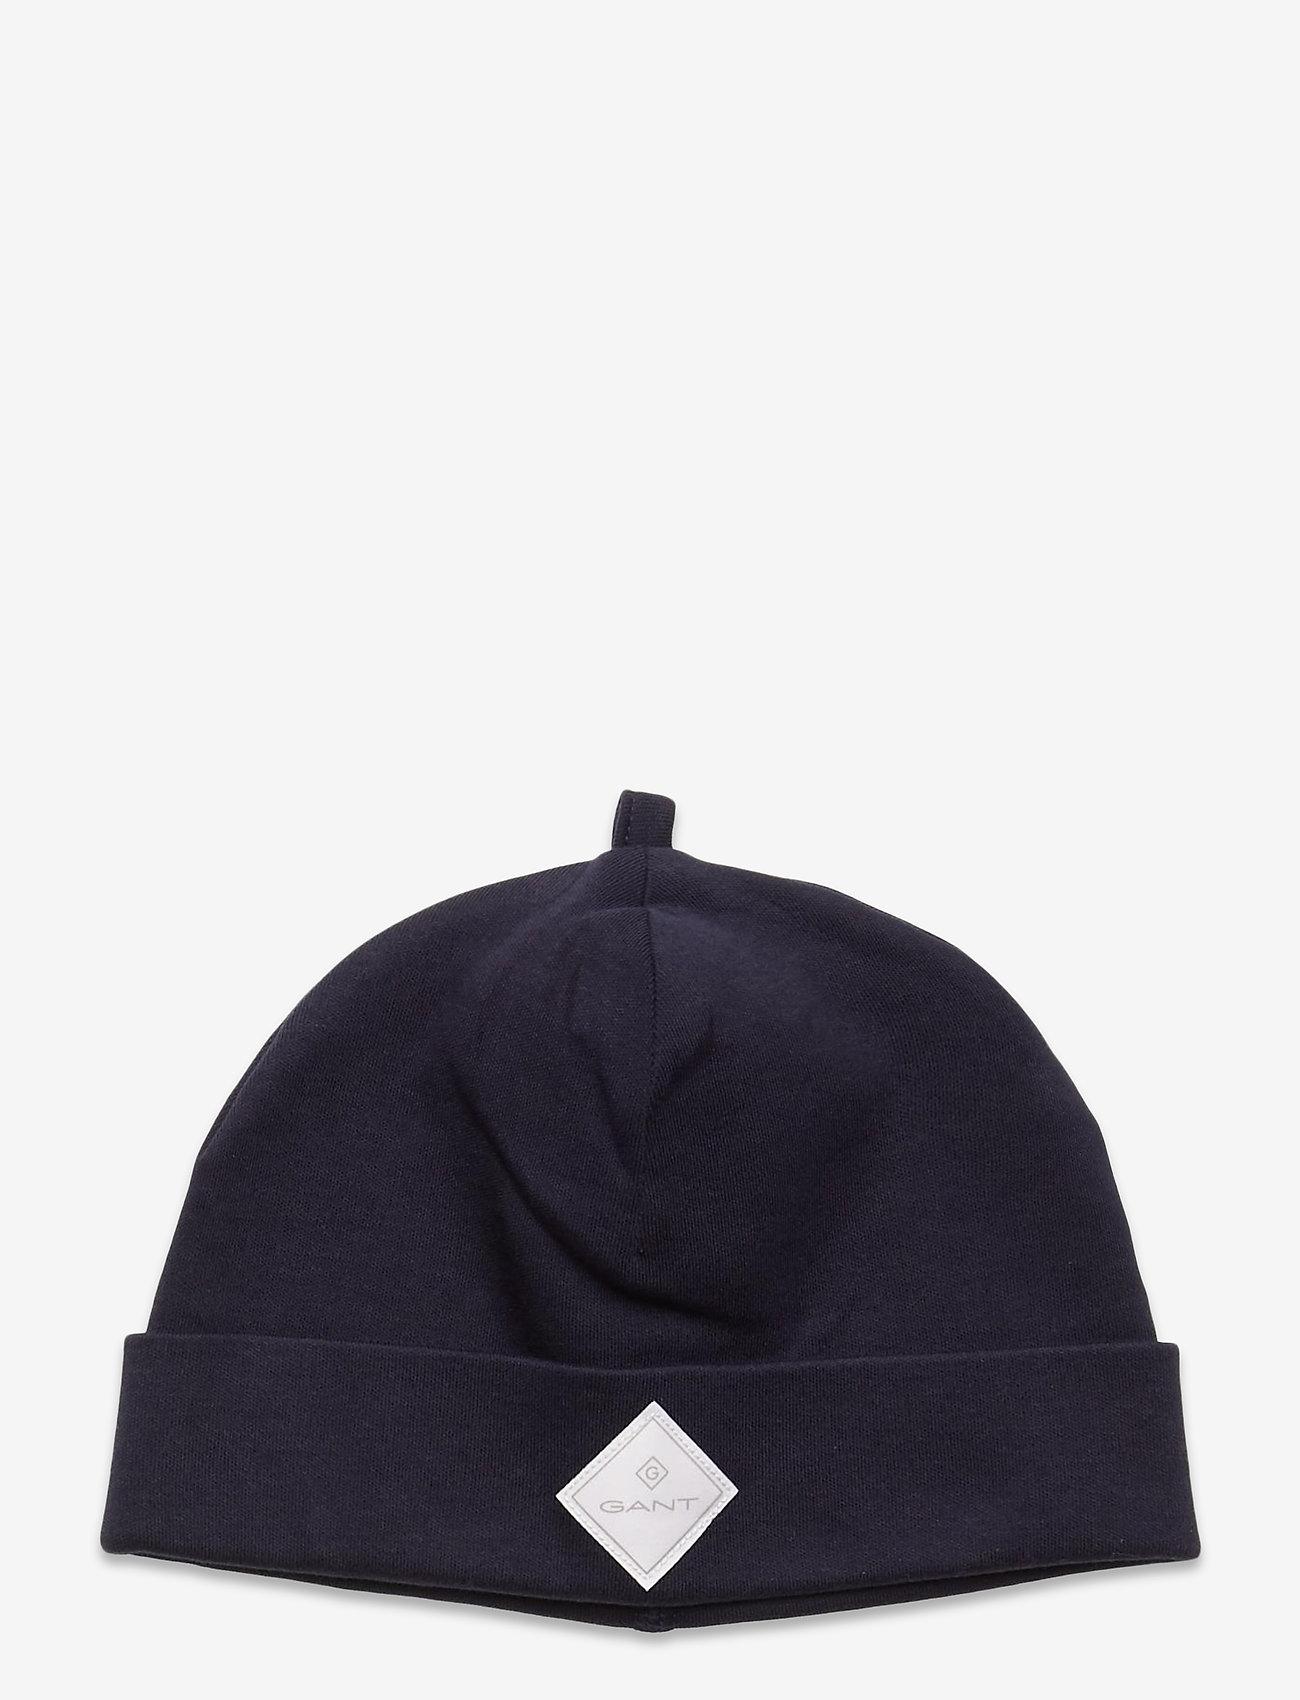 GANT - LOCK-UP ORGANIC COTTON BEANIE - hatte og handsker - evening blue - 0